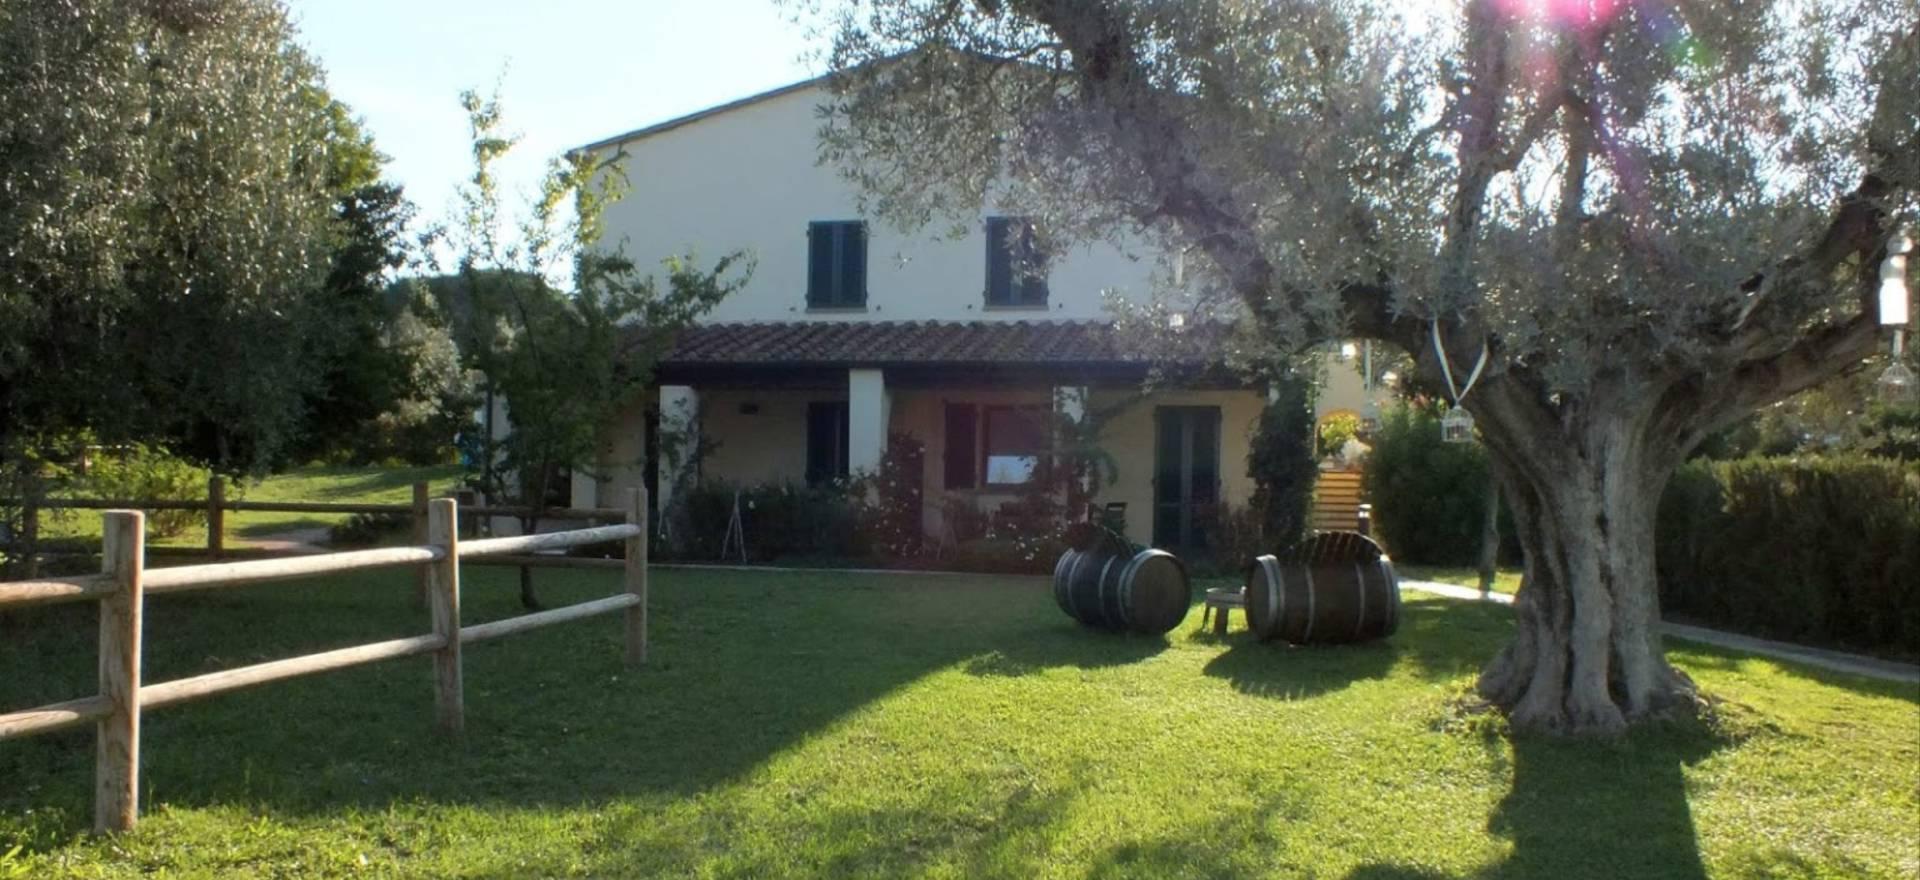 Agriturismo Toscana Agriturismo nella regione del vino e vicino alla spiaggia